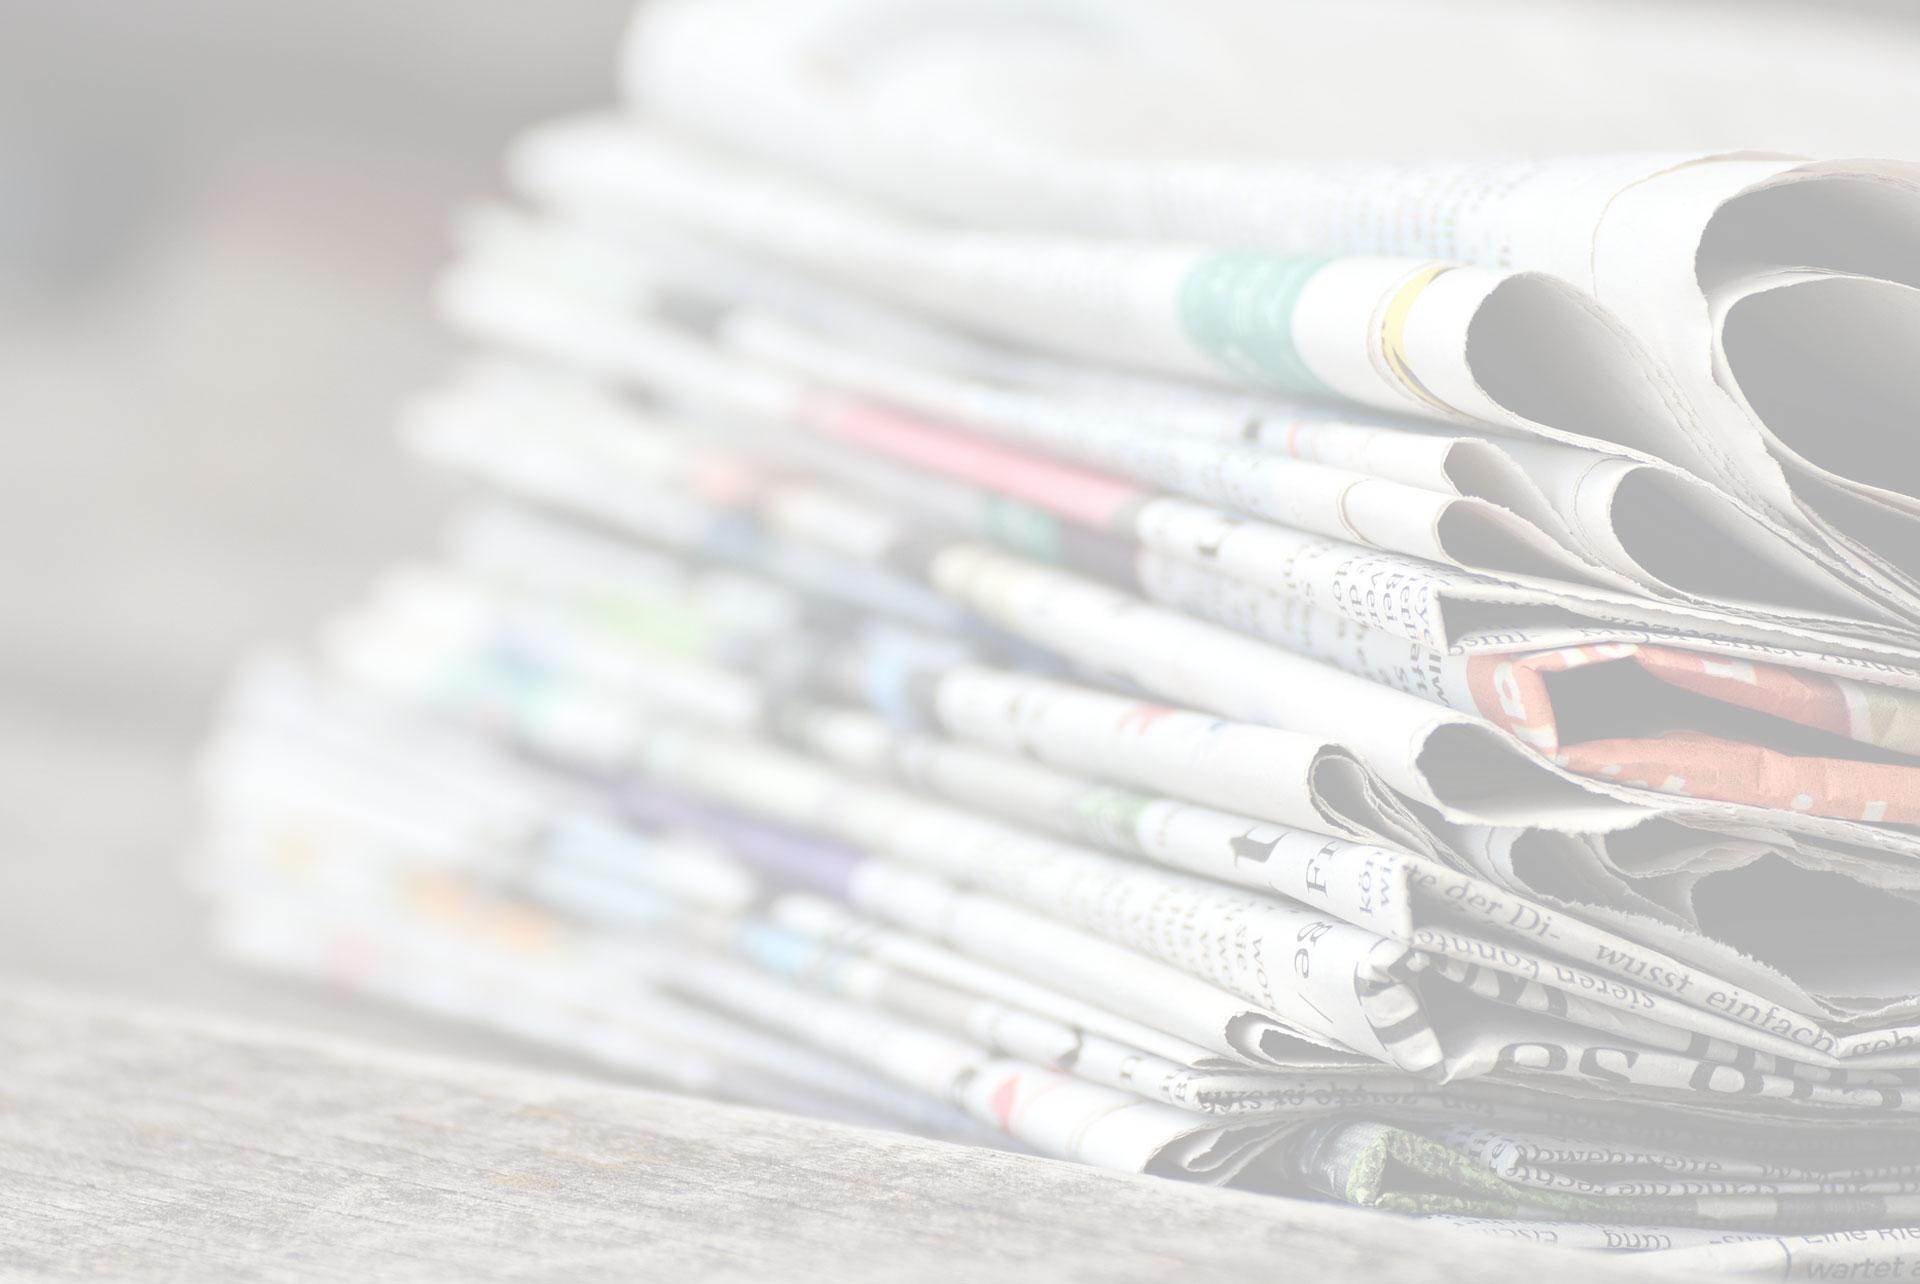 Parigi-Nizza